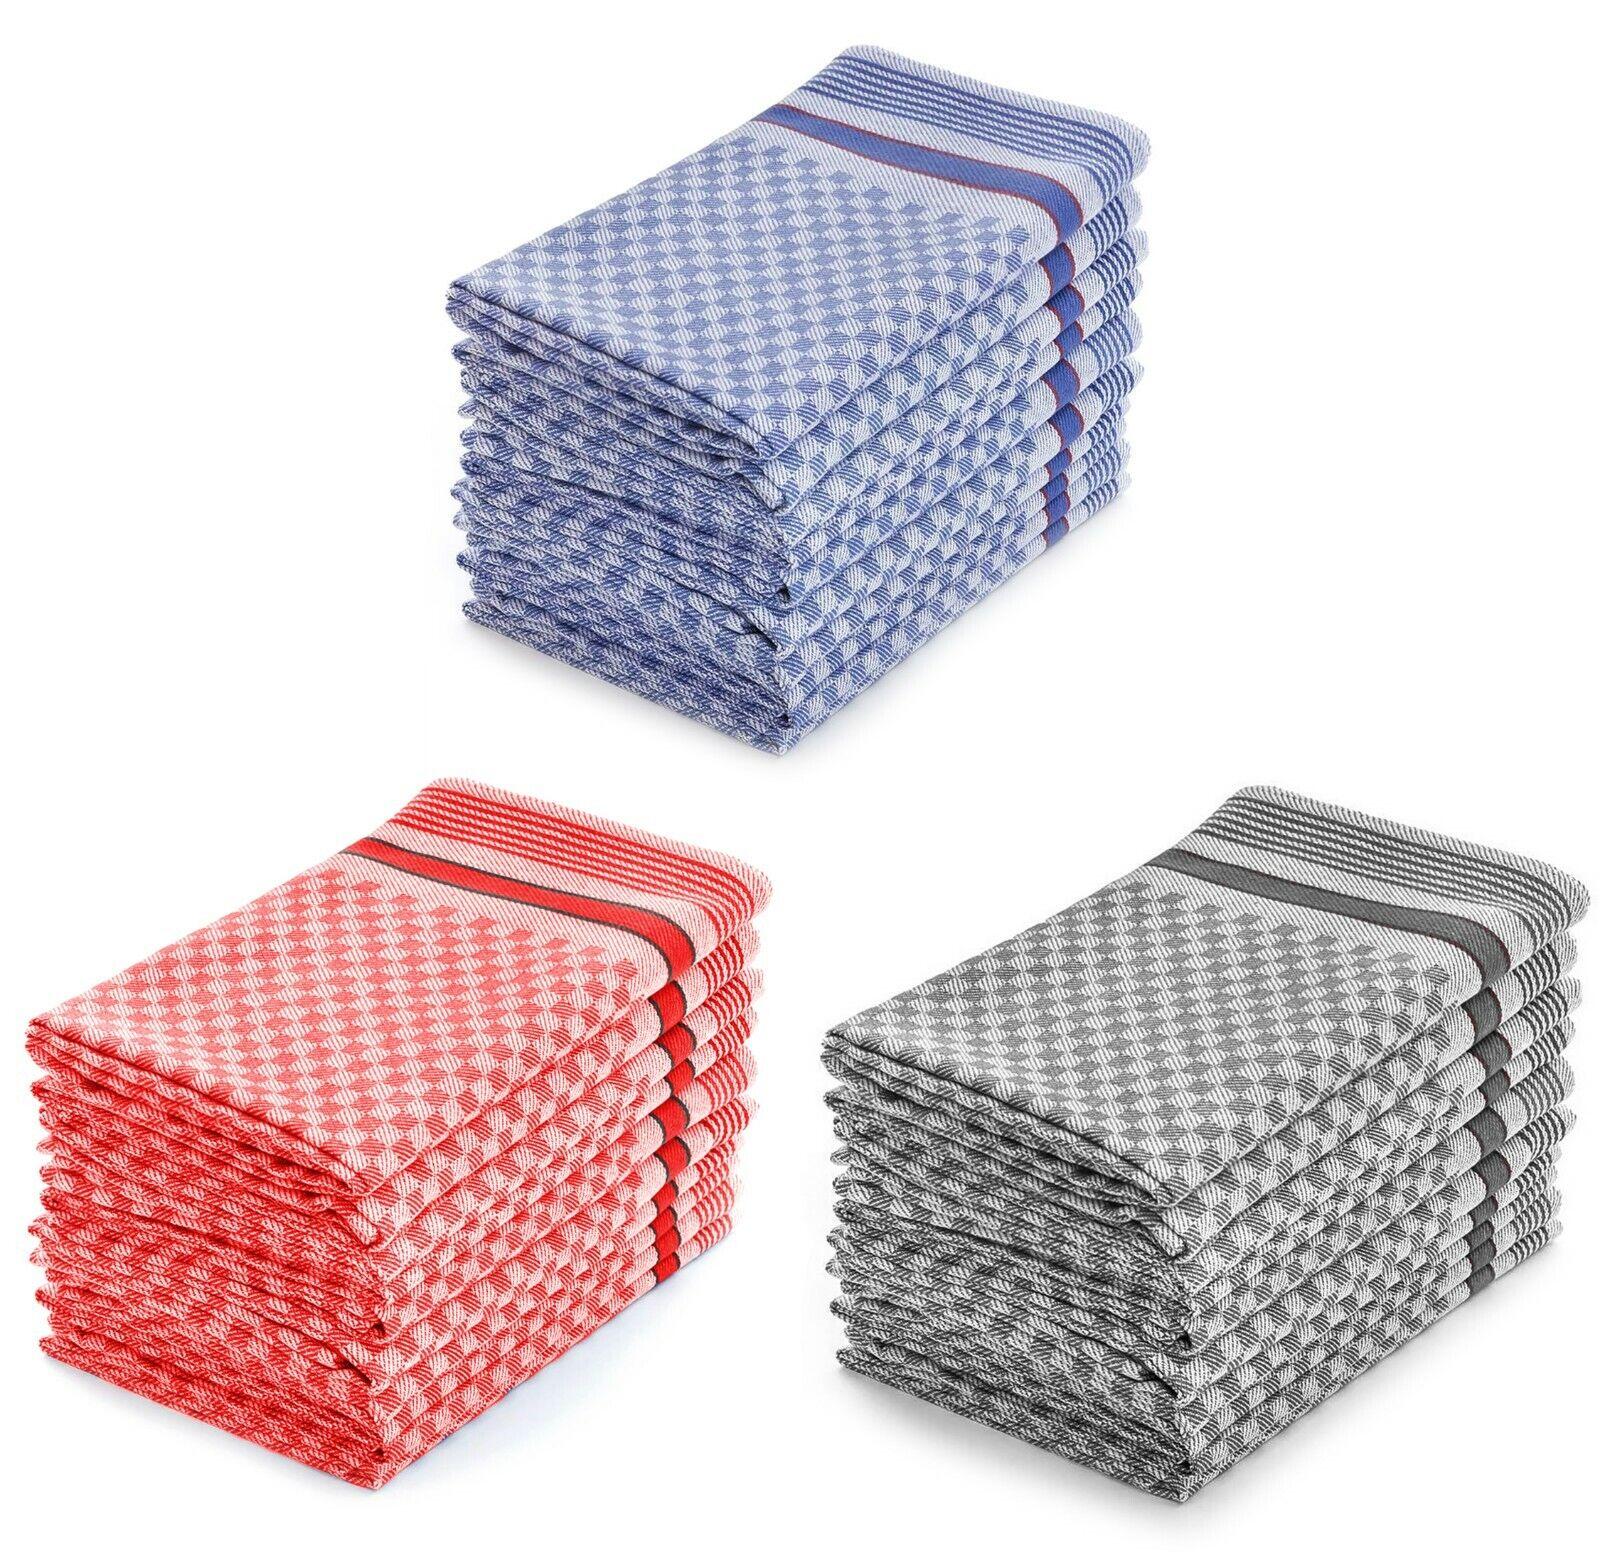 Set Grubentücher im 10er od. 5er Pack,100% Baumw., verschiedene Varianten